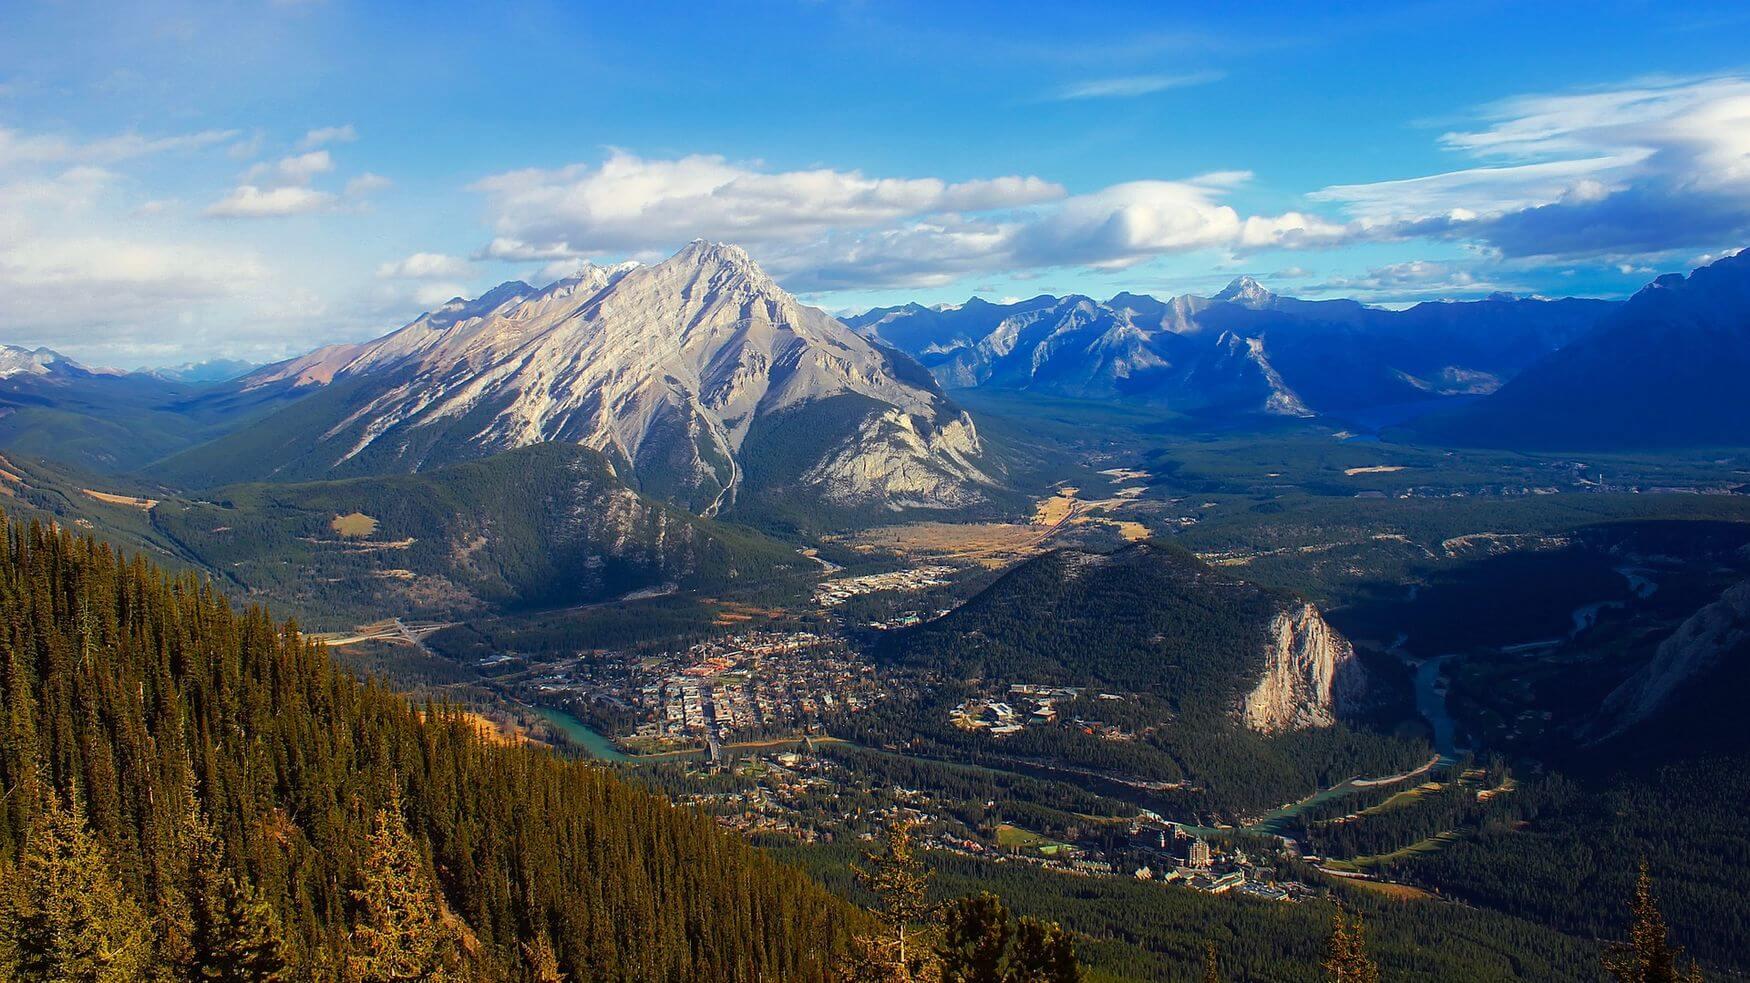 magnifique vue dans le parc national de banff